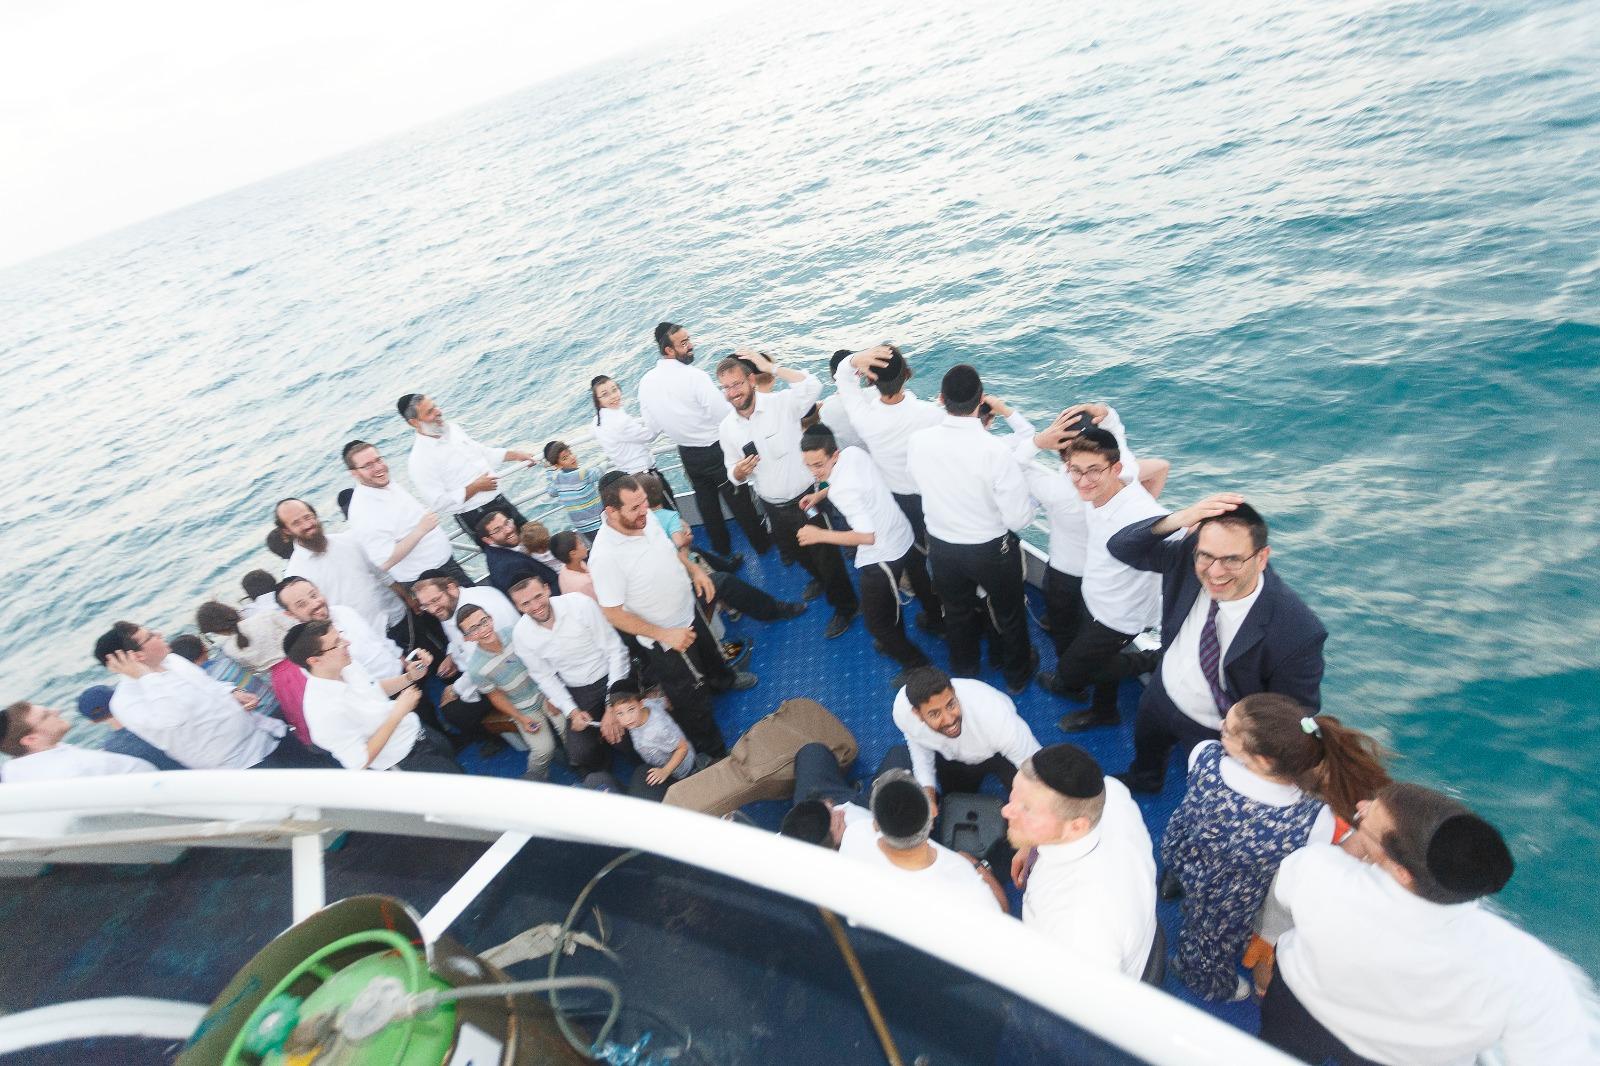 לומדי אשמורת הבוקר סיימו מסכת בספינה • תיעוד